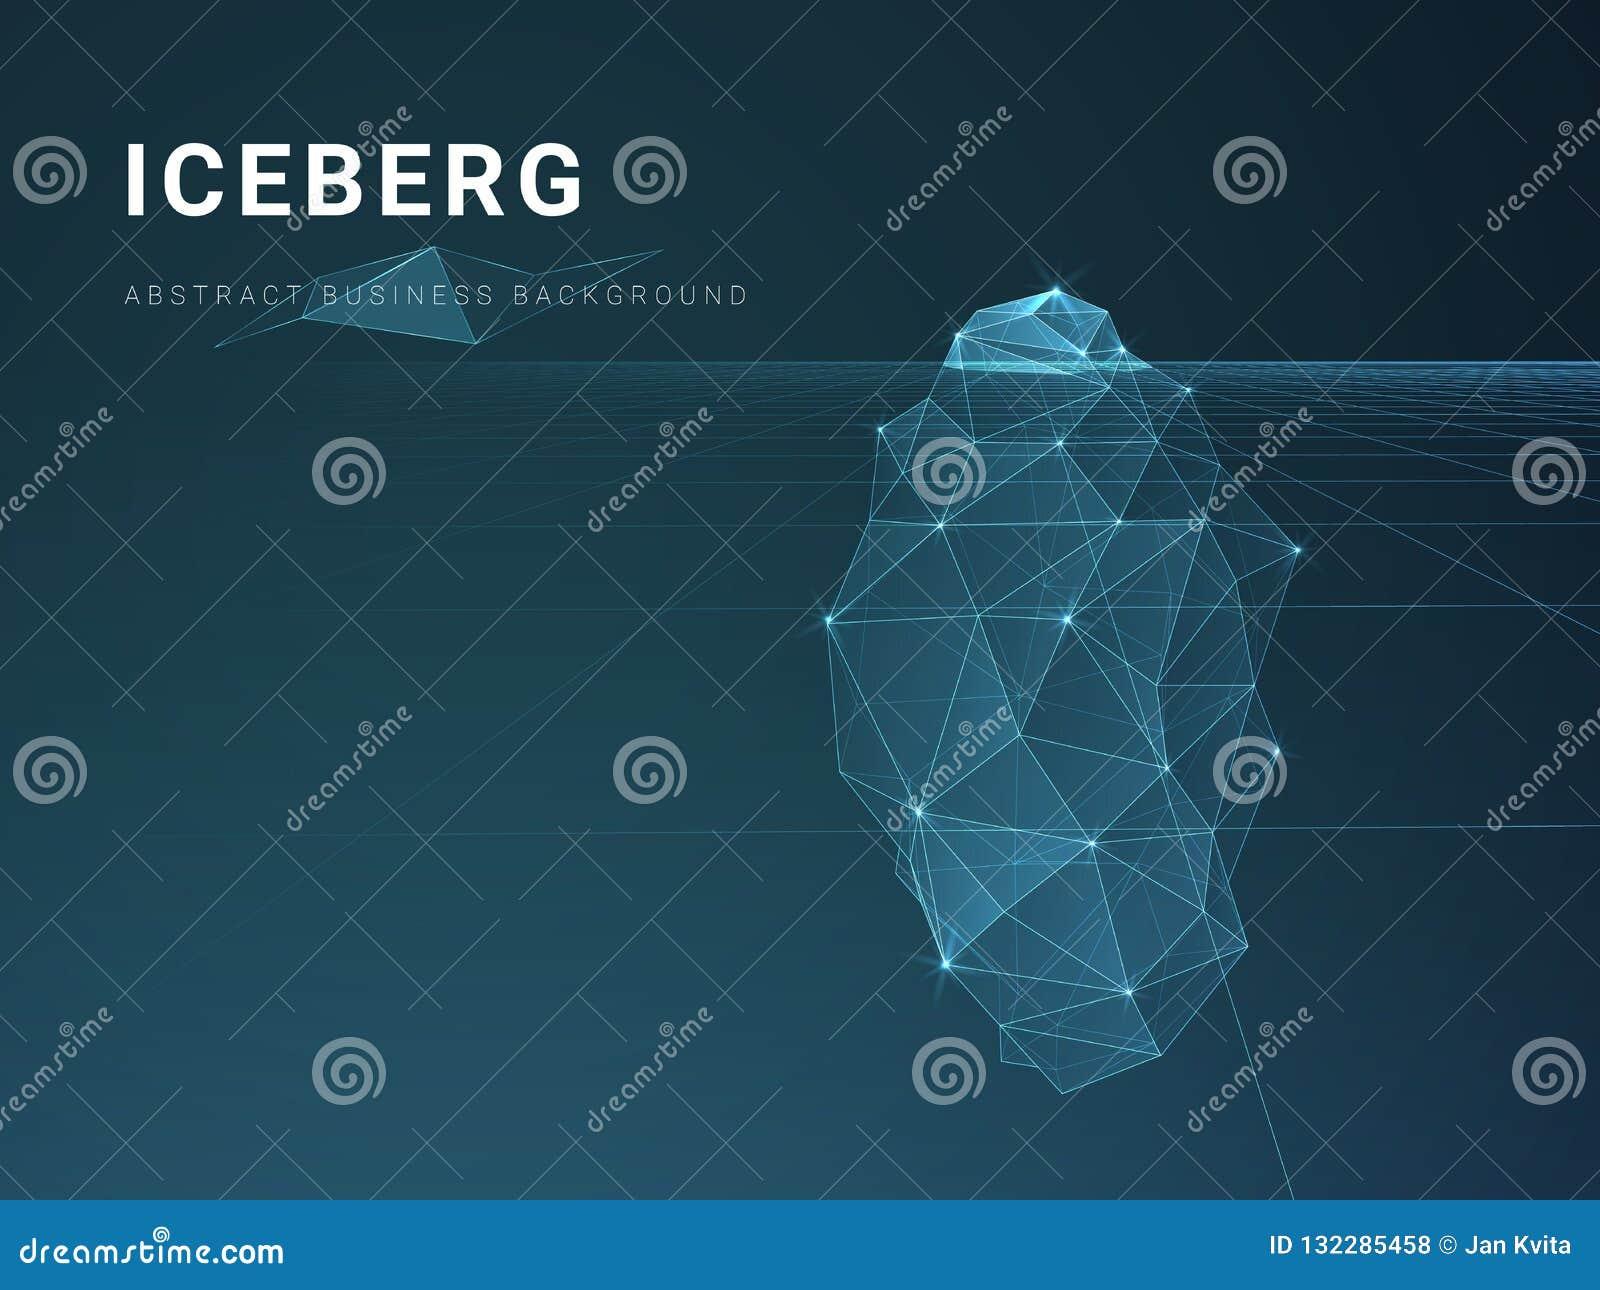 Αφηρημένο σύγχρονο διάνυσμα επιχειρησιακού υποβάθρου με τα αστέρια και τις γραμμές στη μορφή ενός παγόβουνου στο μπλε υπόβαθρο